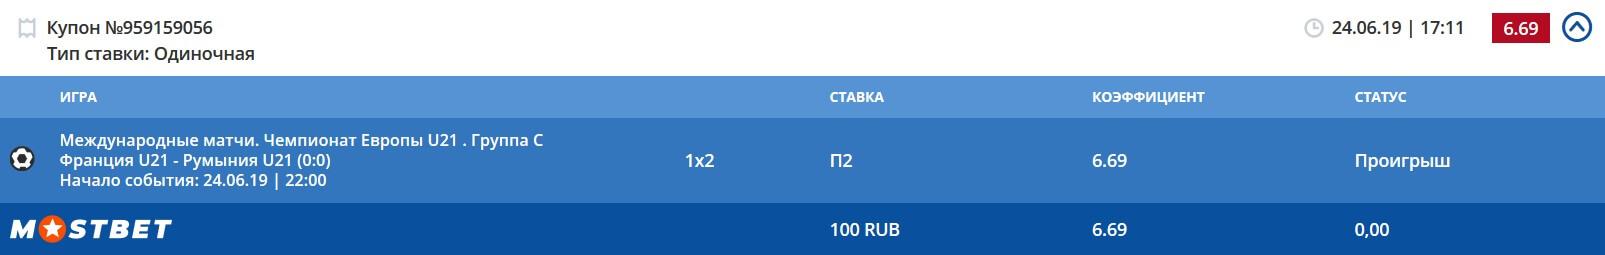 Франция - Румыния (U21), Результаты Ставки